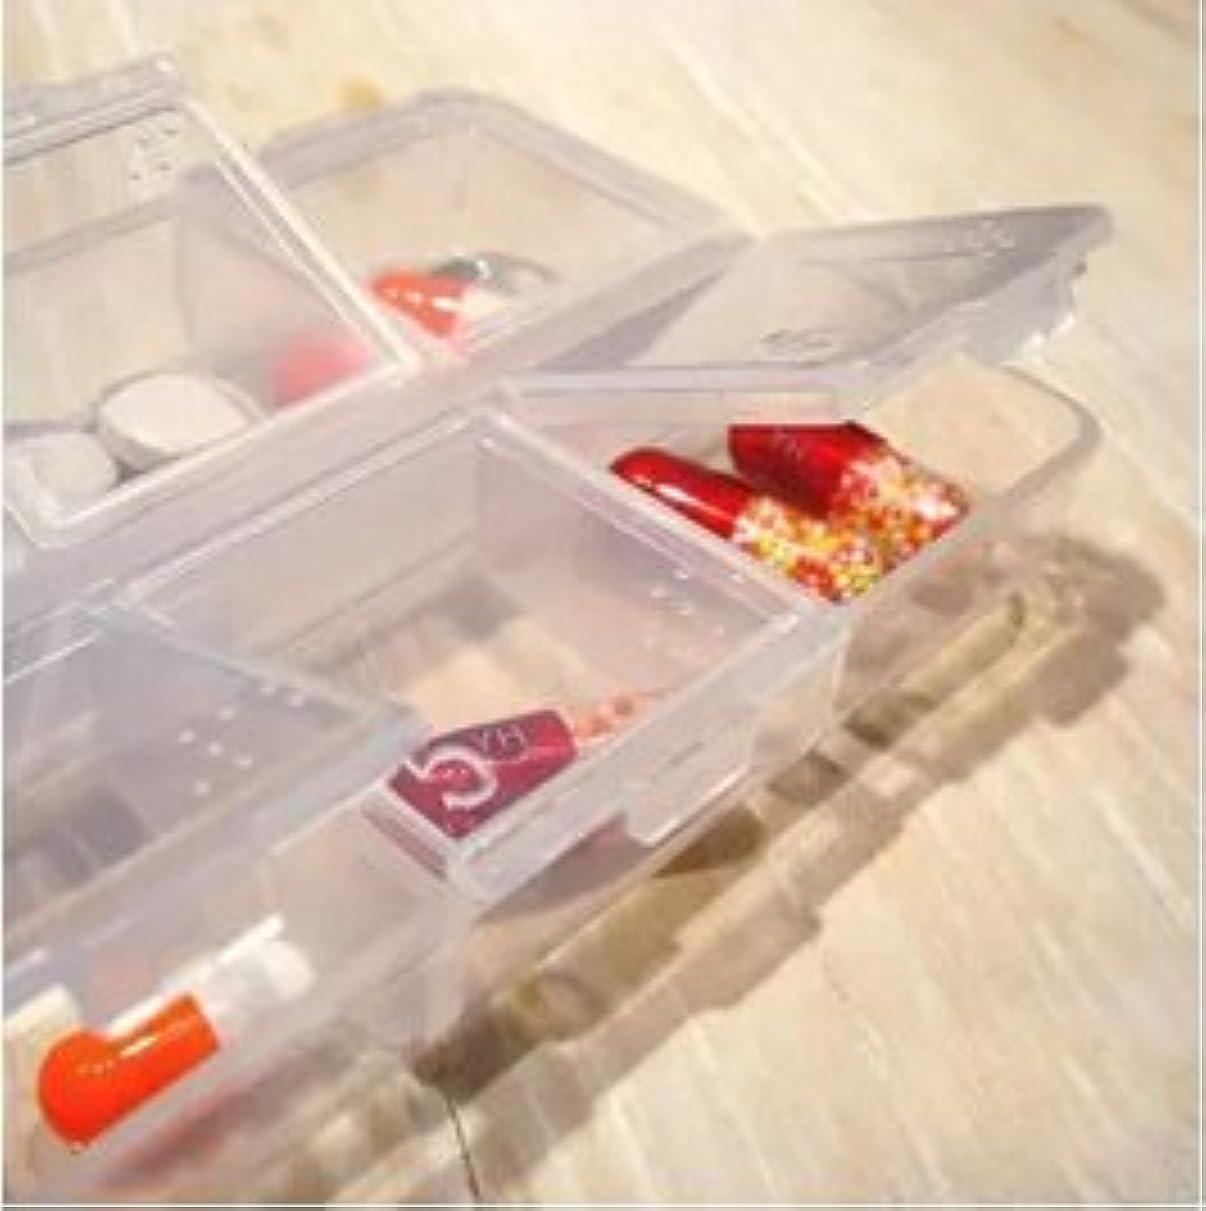 是正する約束する会話Lorny (TM) 【送料無料】6スロット透明なプラスチックピルボックス医学オーガナイザー多機能ピルケースポータブルストレージボックス [並行輸入品]